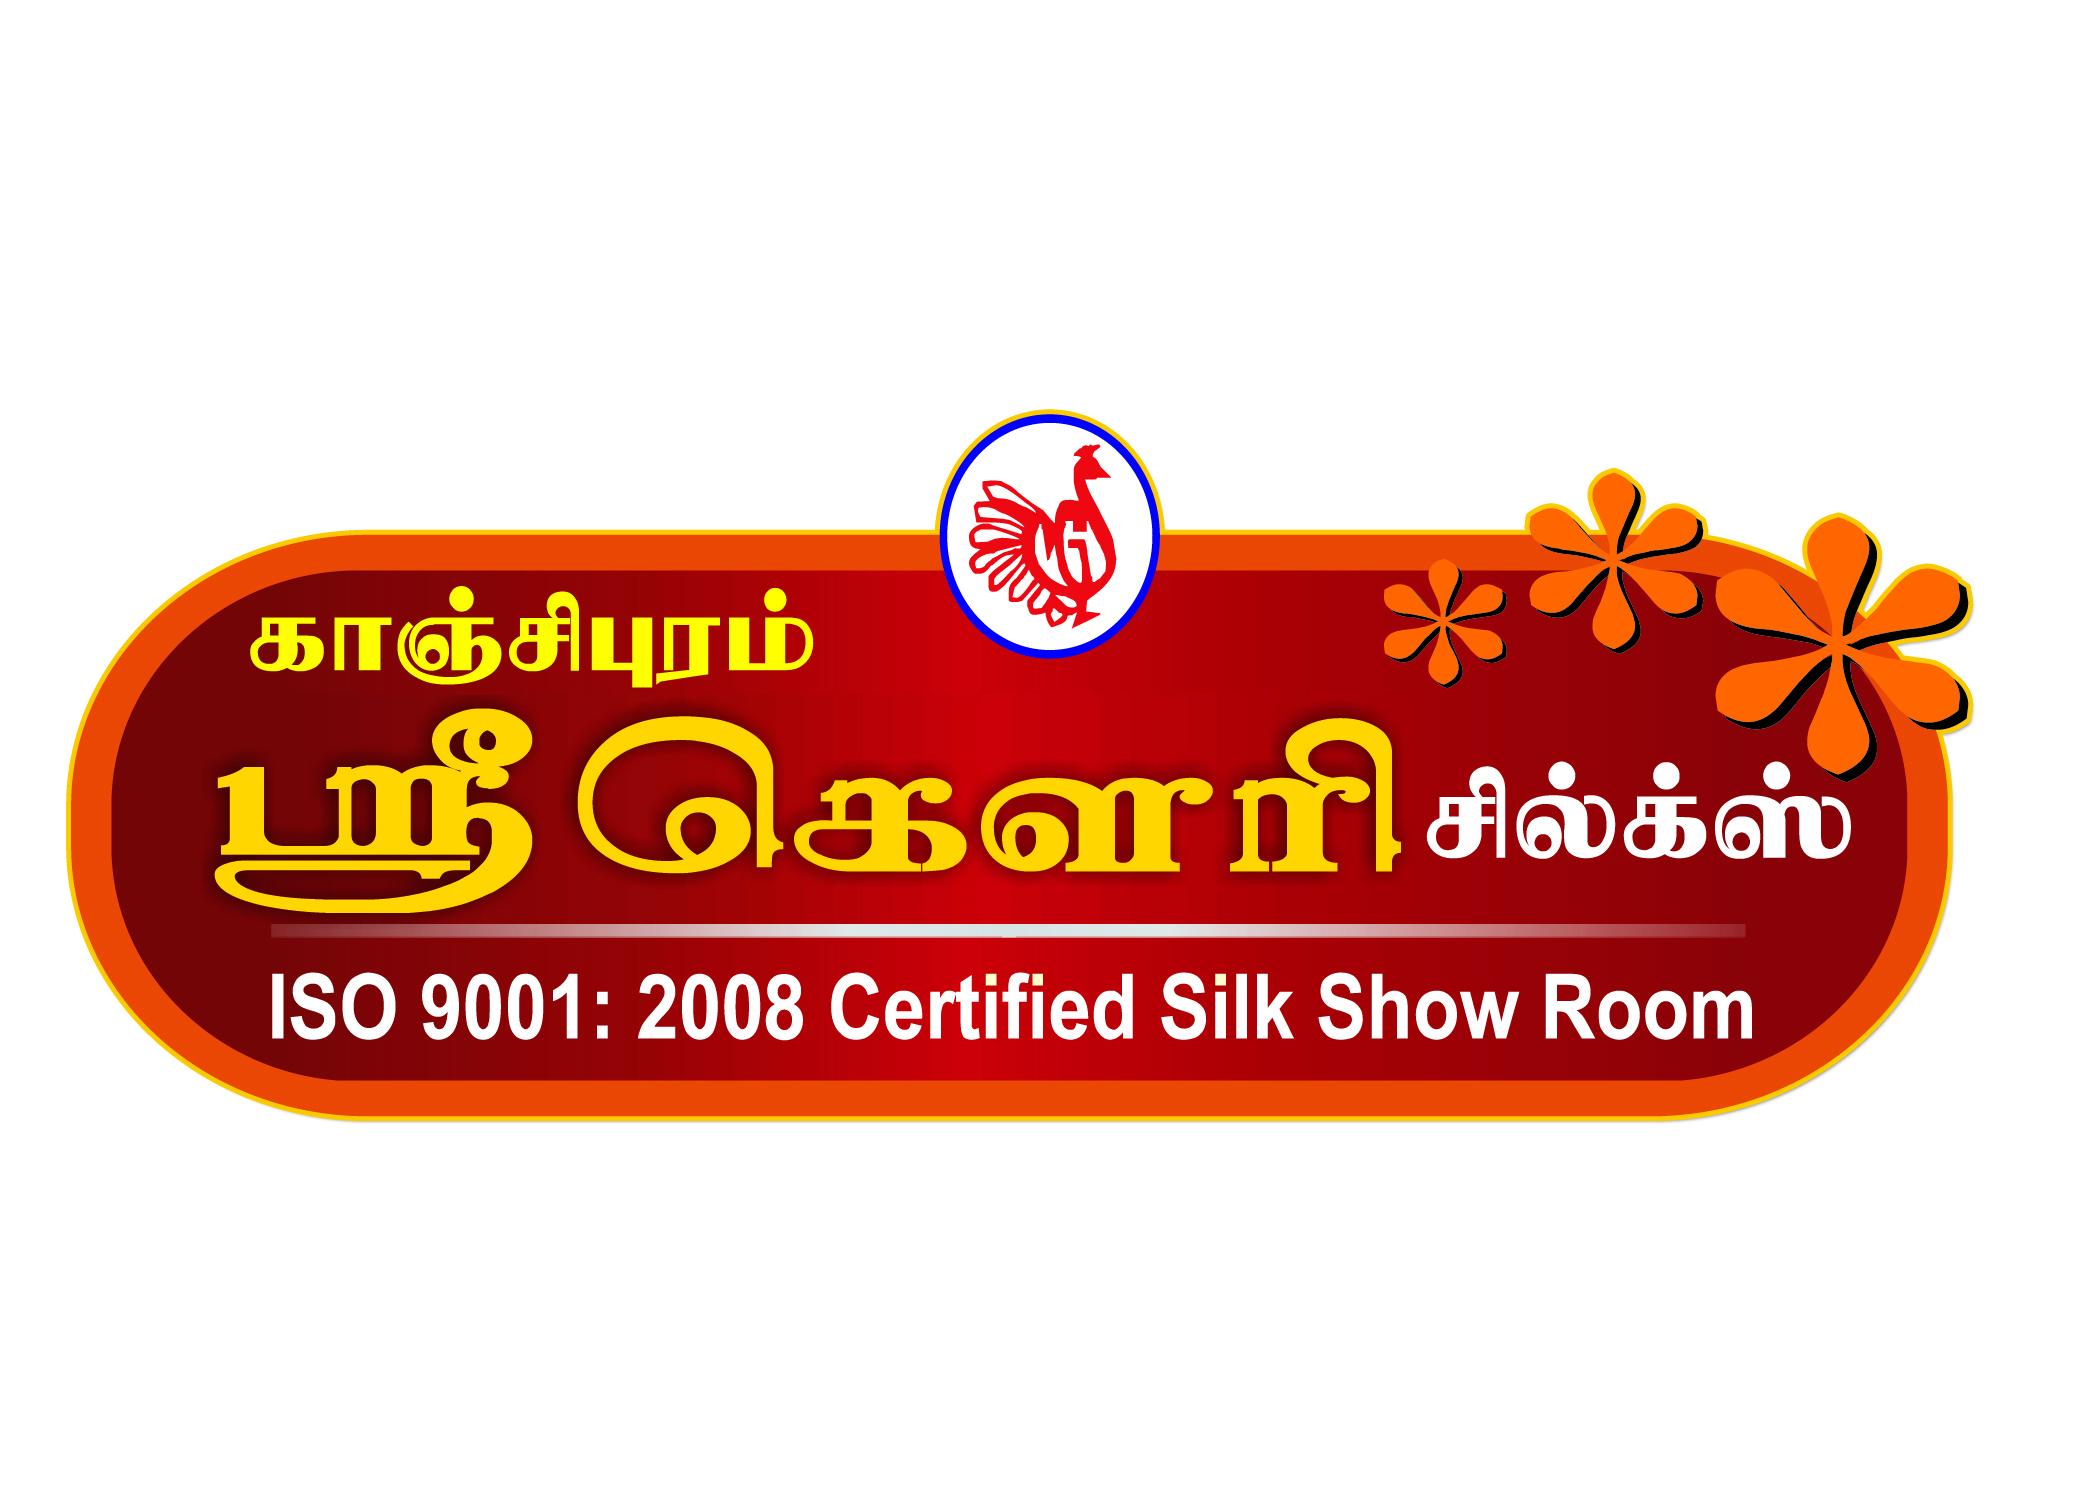 Sri Gowri Silks